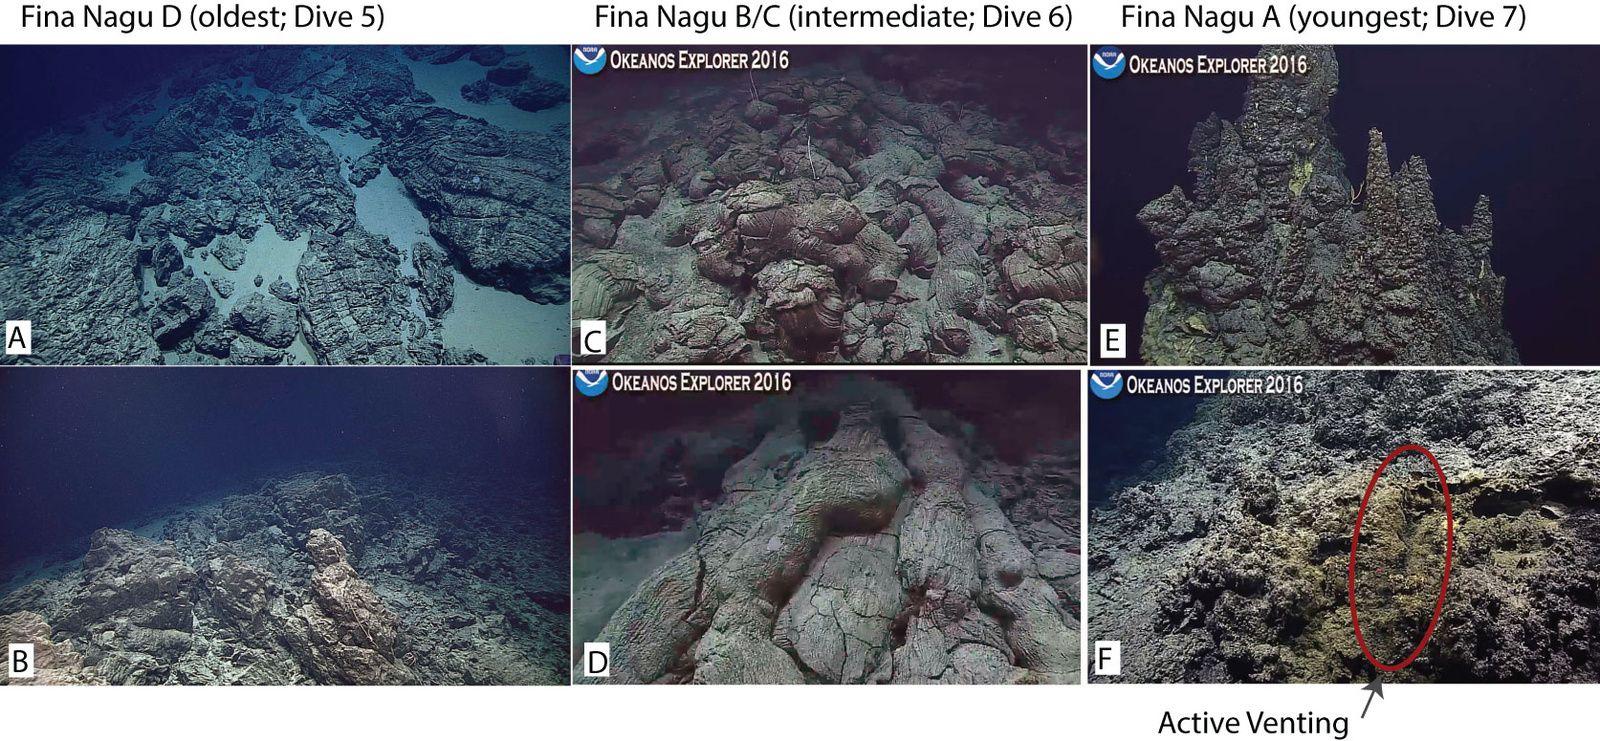 Plancher océanique photographié au cours des plongées 5 à 7 : La paroi nord de la caldeira D est composée de pillow lava fracturés et sédiments clairs (photo A) ainsi que de dykes (photo B) – La dorsale entre les caldeiras B et C est constituée de pillow lava bien conservés (photo C), dont certains forment des tubes le long des pentes (photo D) – Le dôme de résurgence Est de la caldeira A présente une grande cheminée hydrothermale éteinte (sommet en photo E), et un léger flux hydrothermal sur le dôme ouest (photo F) - Image courtesy of NOAA Office of Ocean Exploration and Research, 2016 Deepwater Exploration of the Marianas